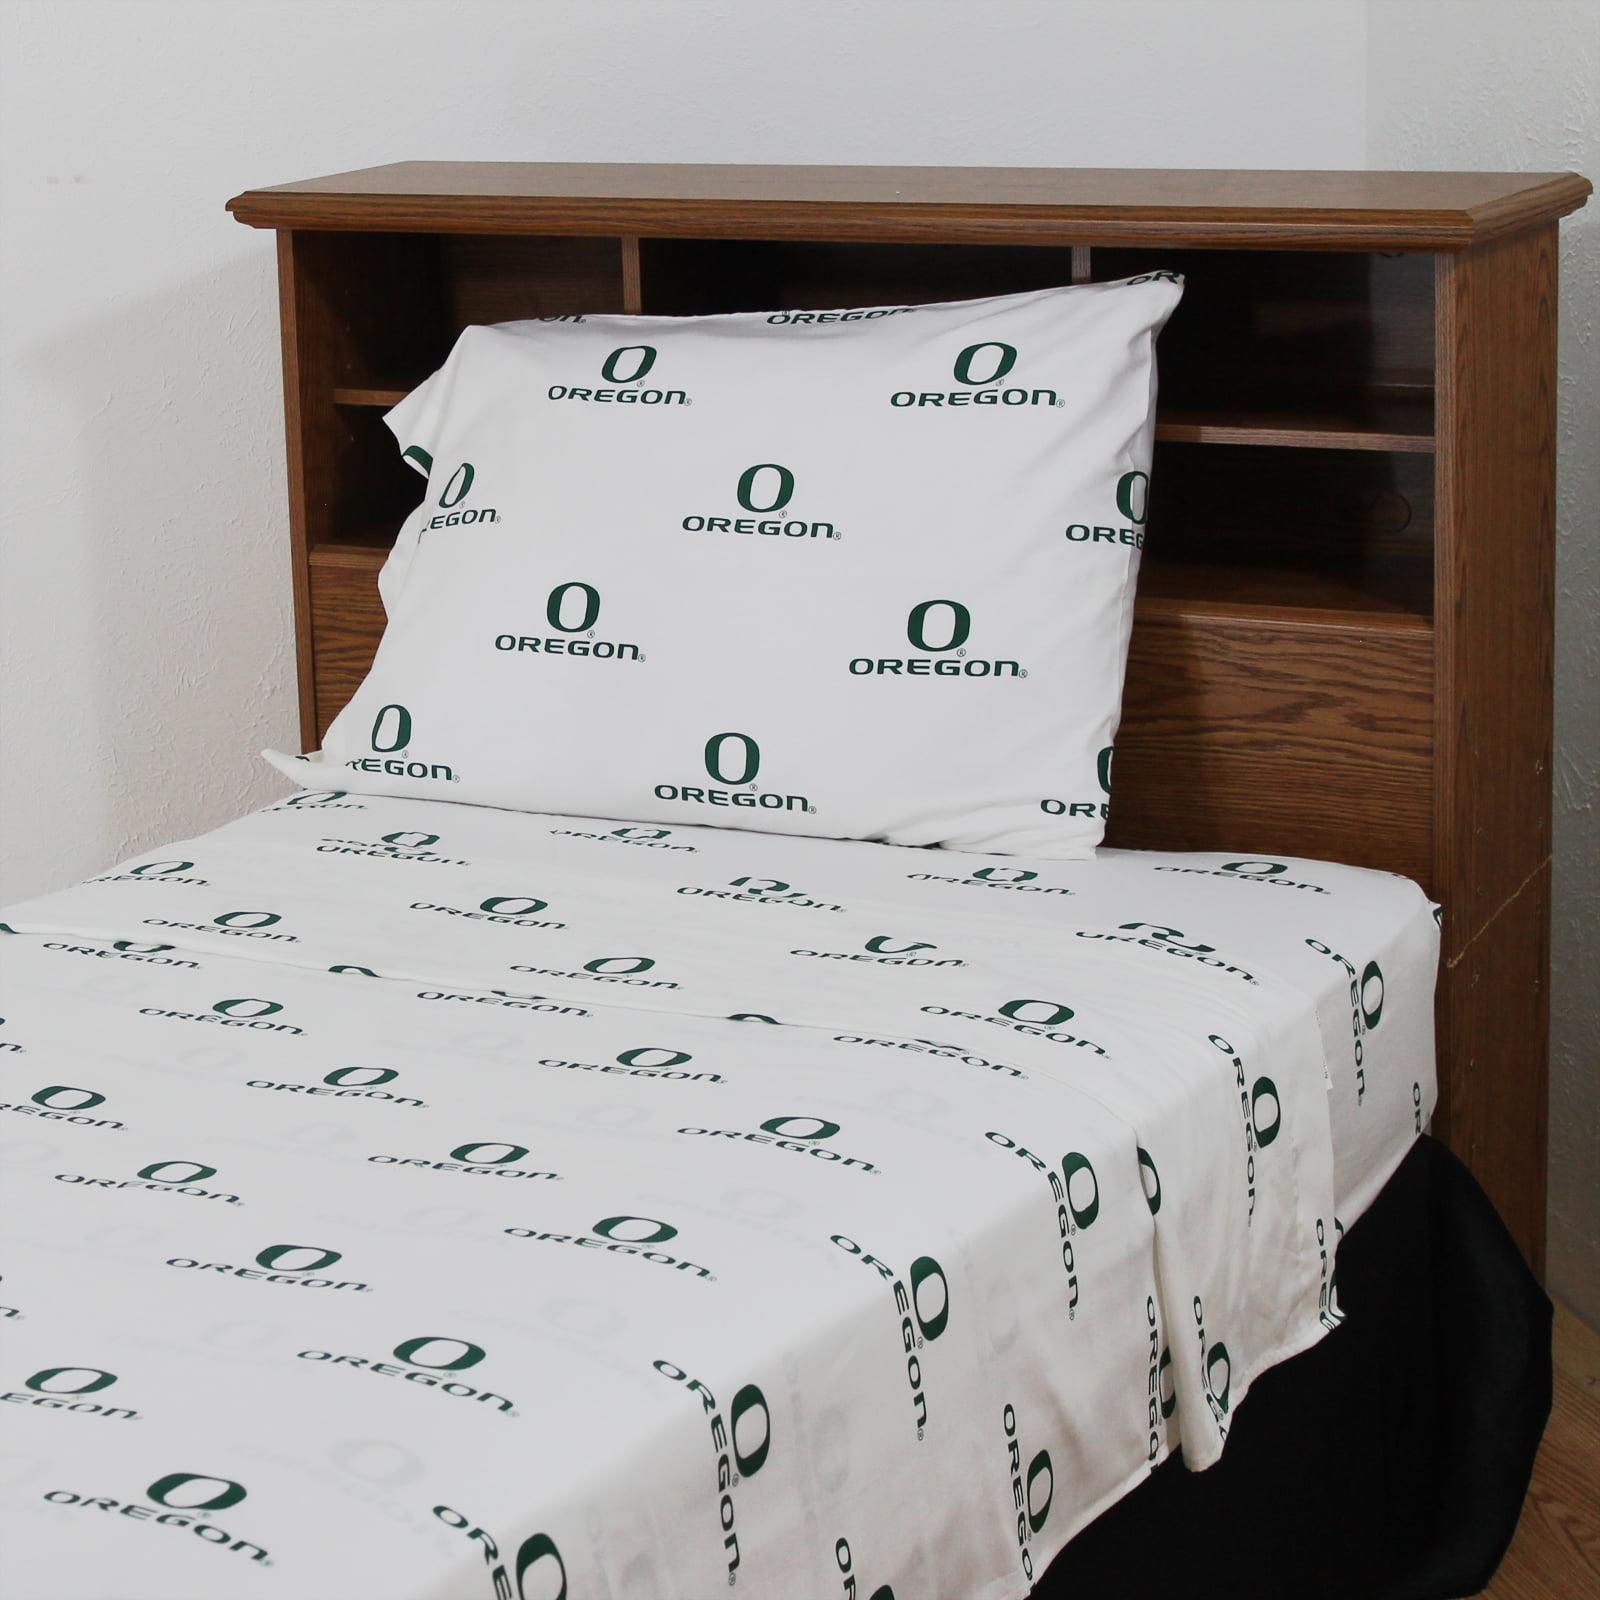 Oregon Ducks 100% cotton, 4 piece sheet set - flat sheet, fitted sheet, 2 pillow cases, Queen, Team Colors